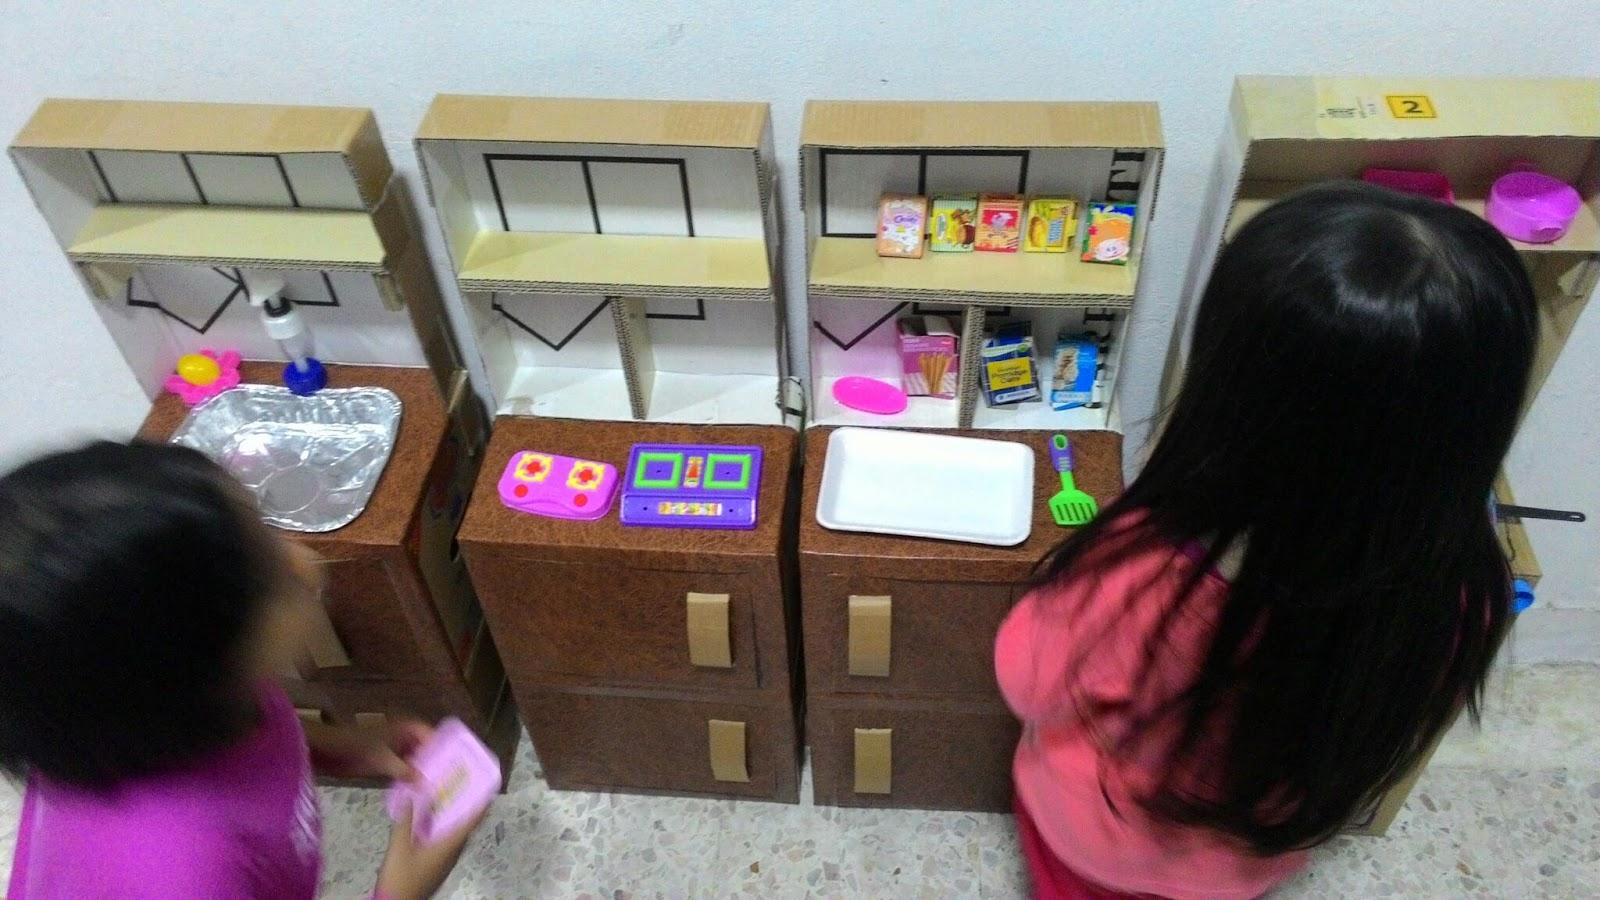 Bukan Setakat Dapur Sahaja Kek Pun Auntie An Buatkan Semuanya Dibuat Menggunn Kotak Tengok Dalam Inernet Katanya Untunglah Afrina Dan Aadriana Ada